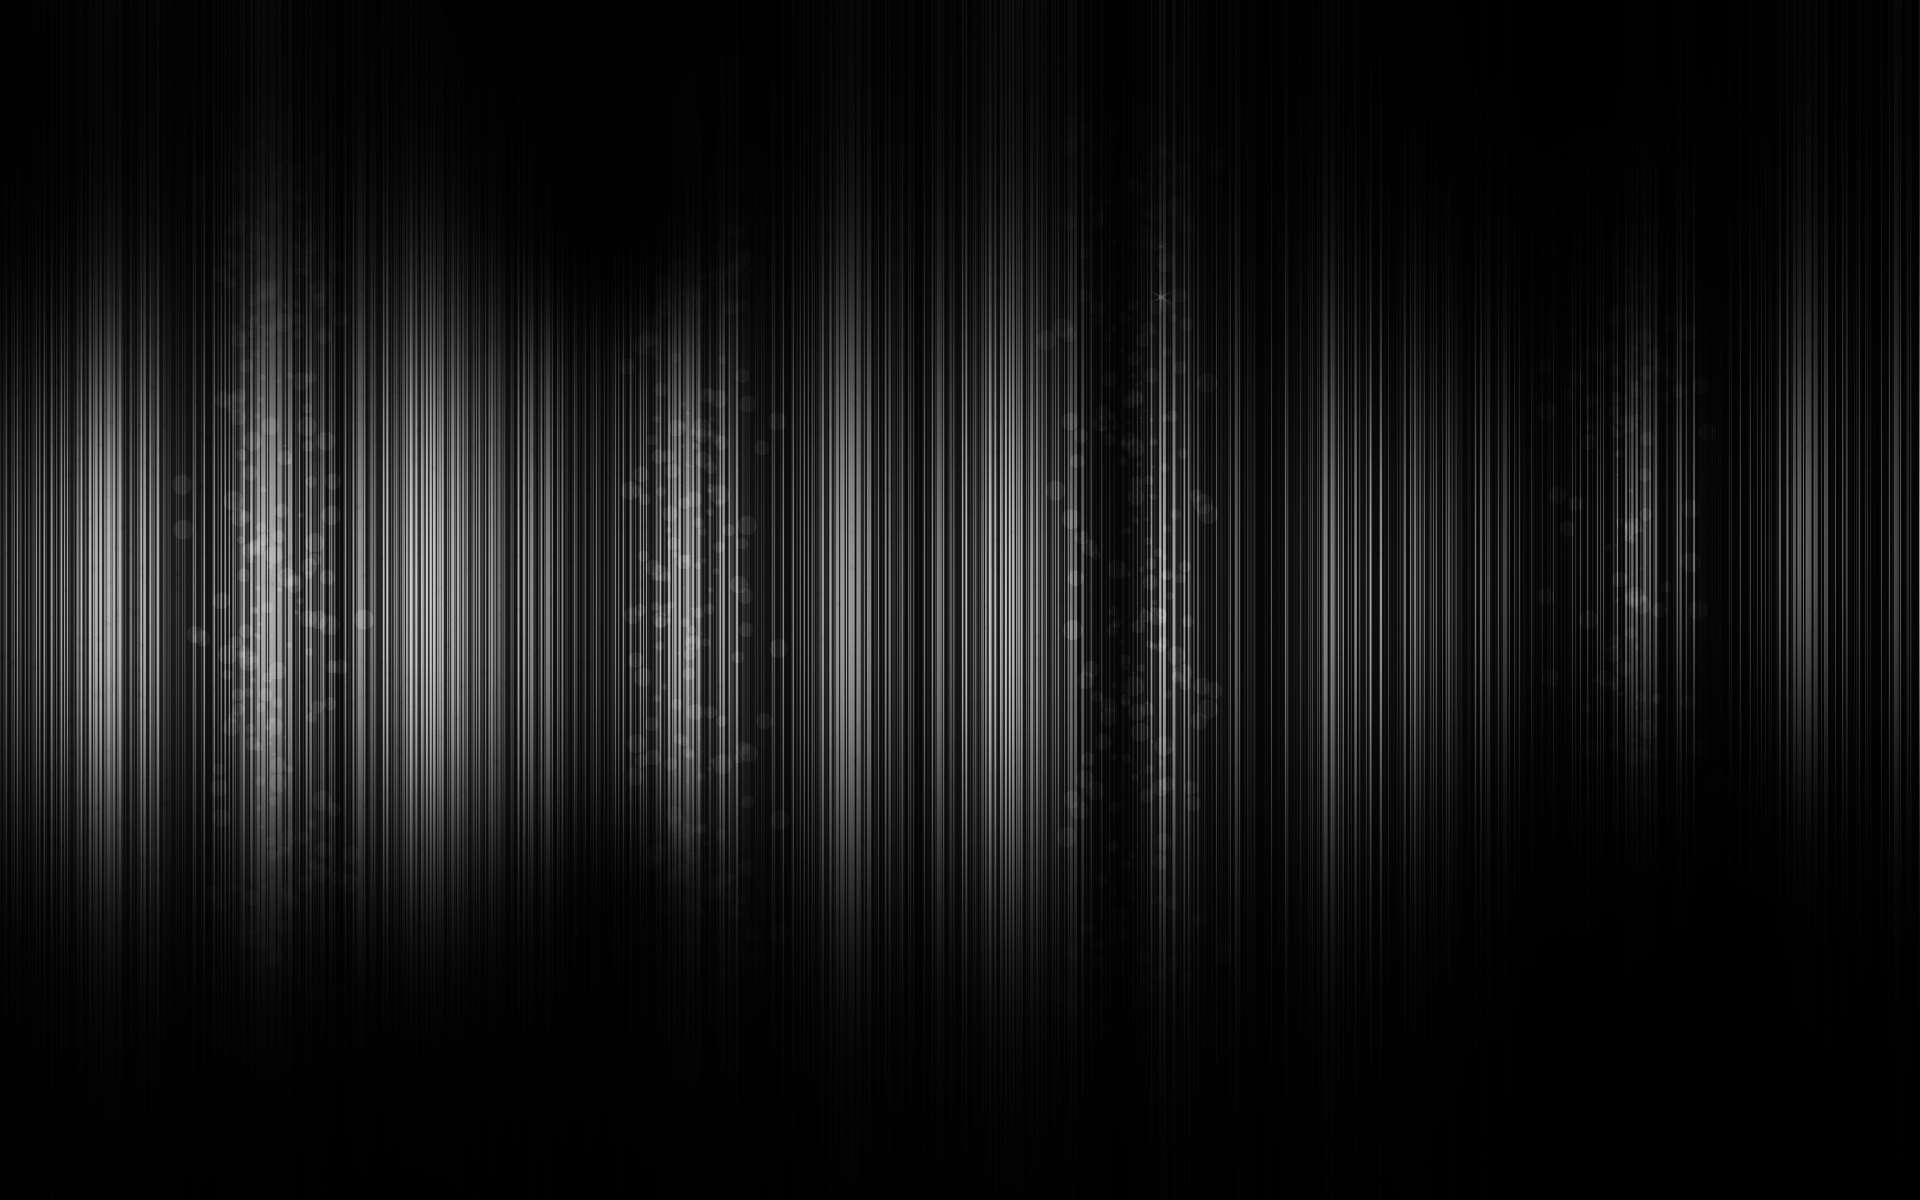 عکس زمینه سیاه